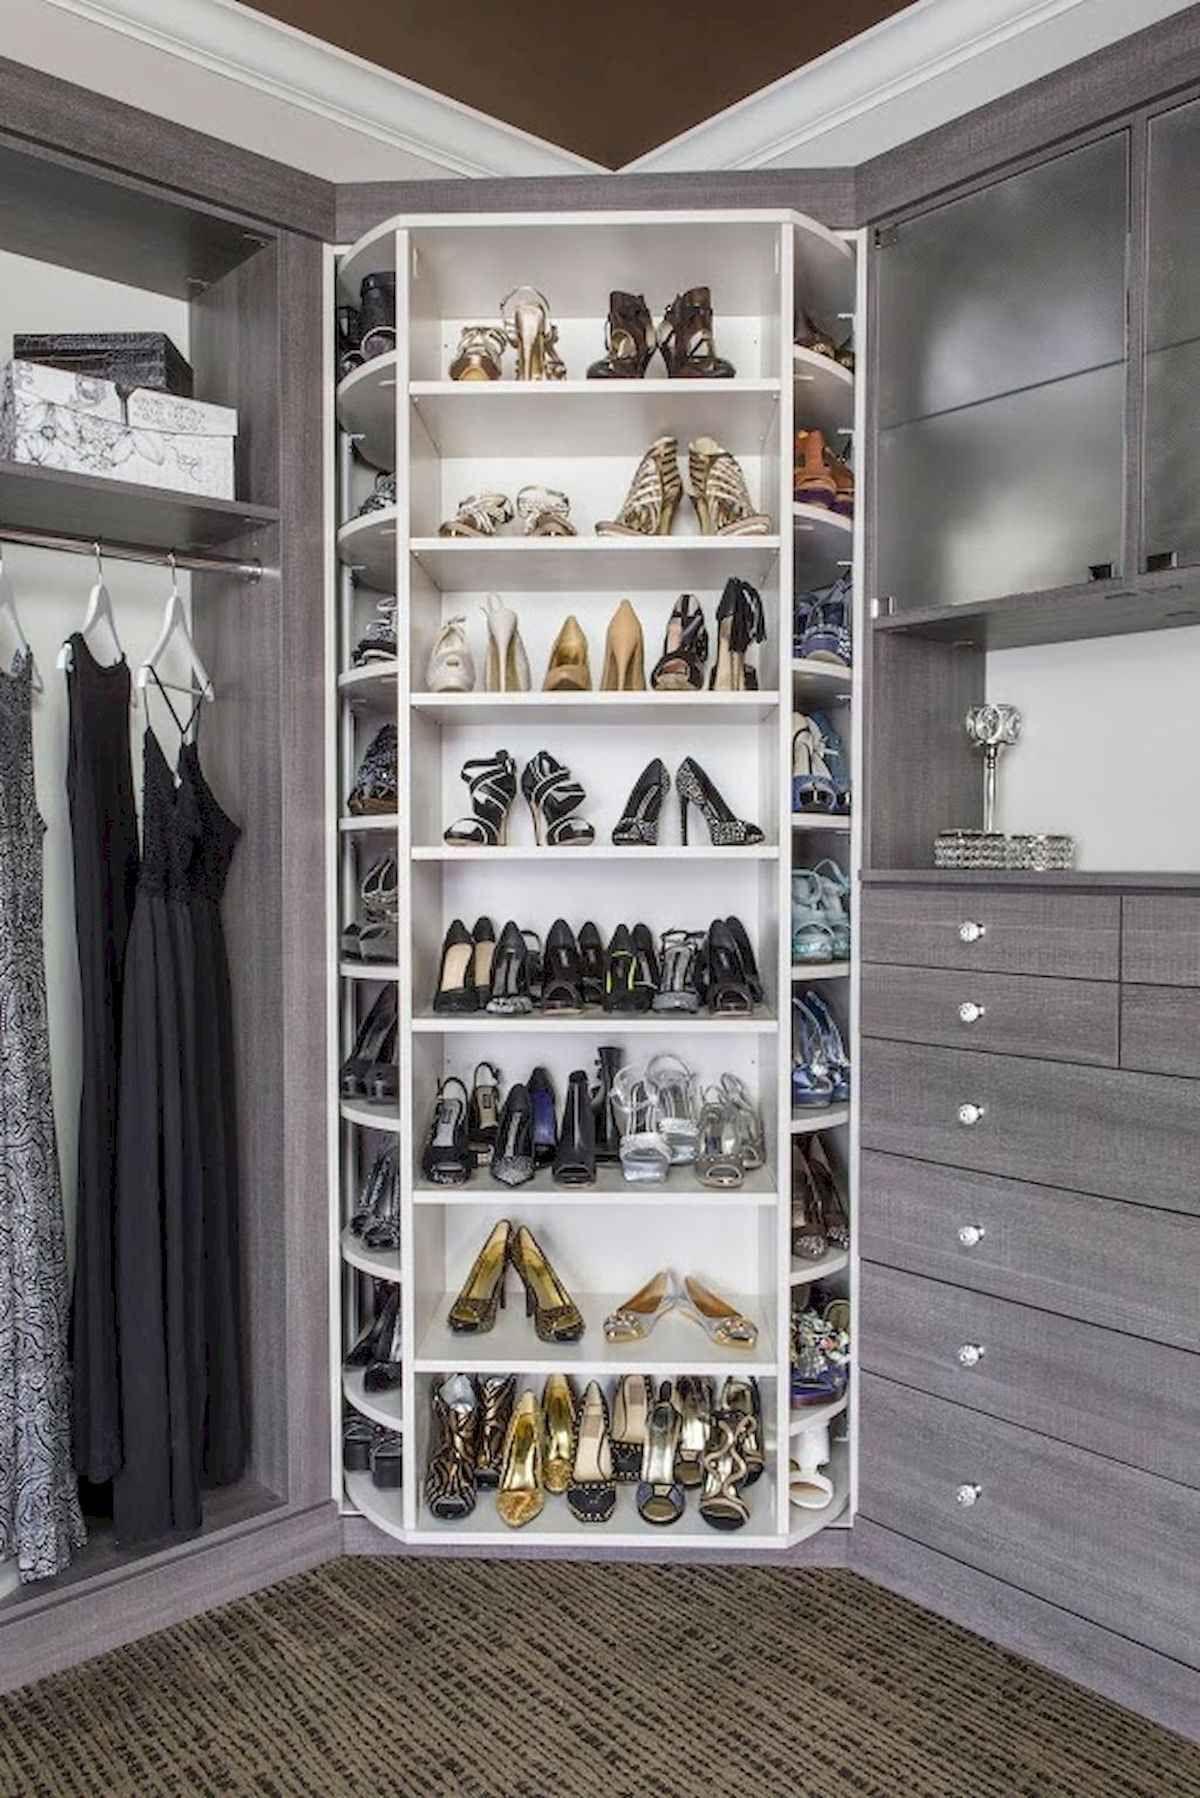 55 Genius Shoes Rack Design Ideas 4 Coachdecor Com Closet Remodel Closet Designs Closet Design